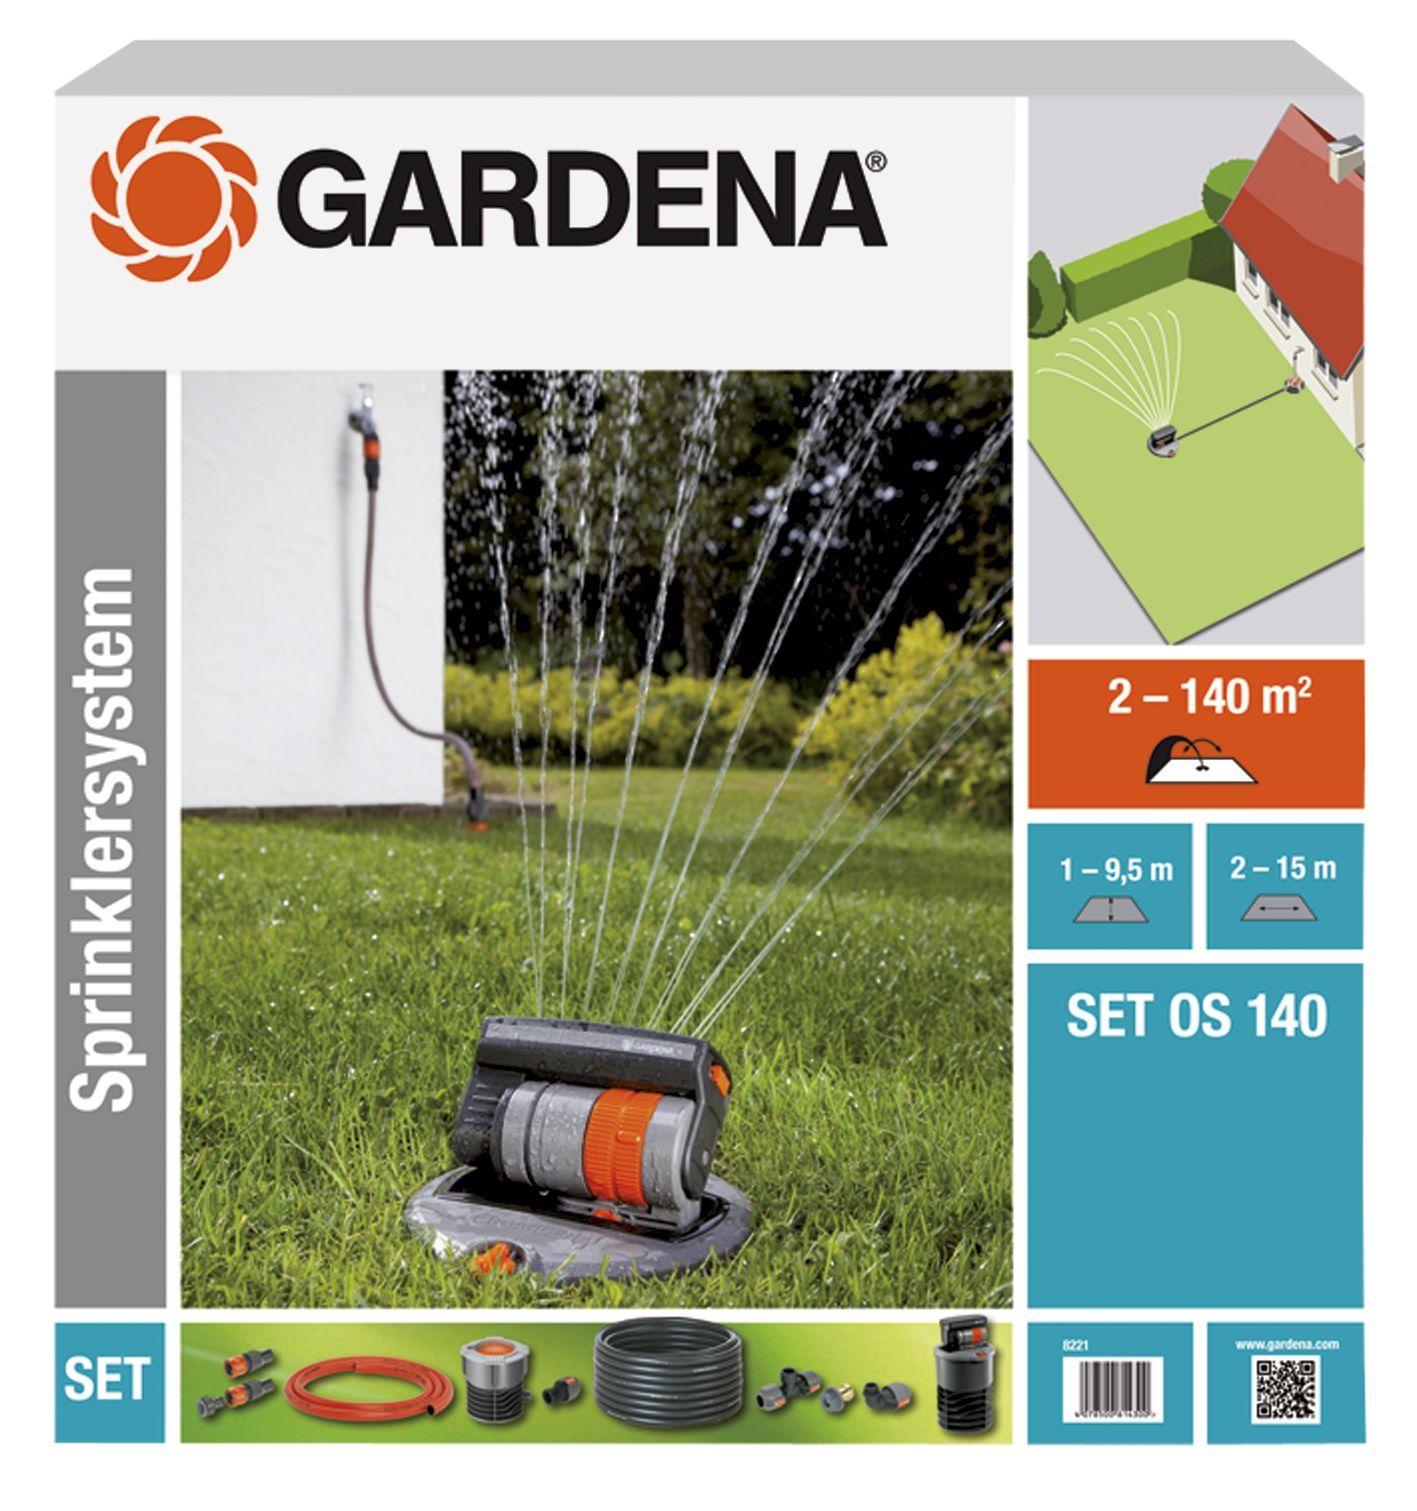 gardena verzonken zwenksproeier os 140 complete set kopen. Black Bedroom Furniture Sets. Home Design Ideas